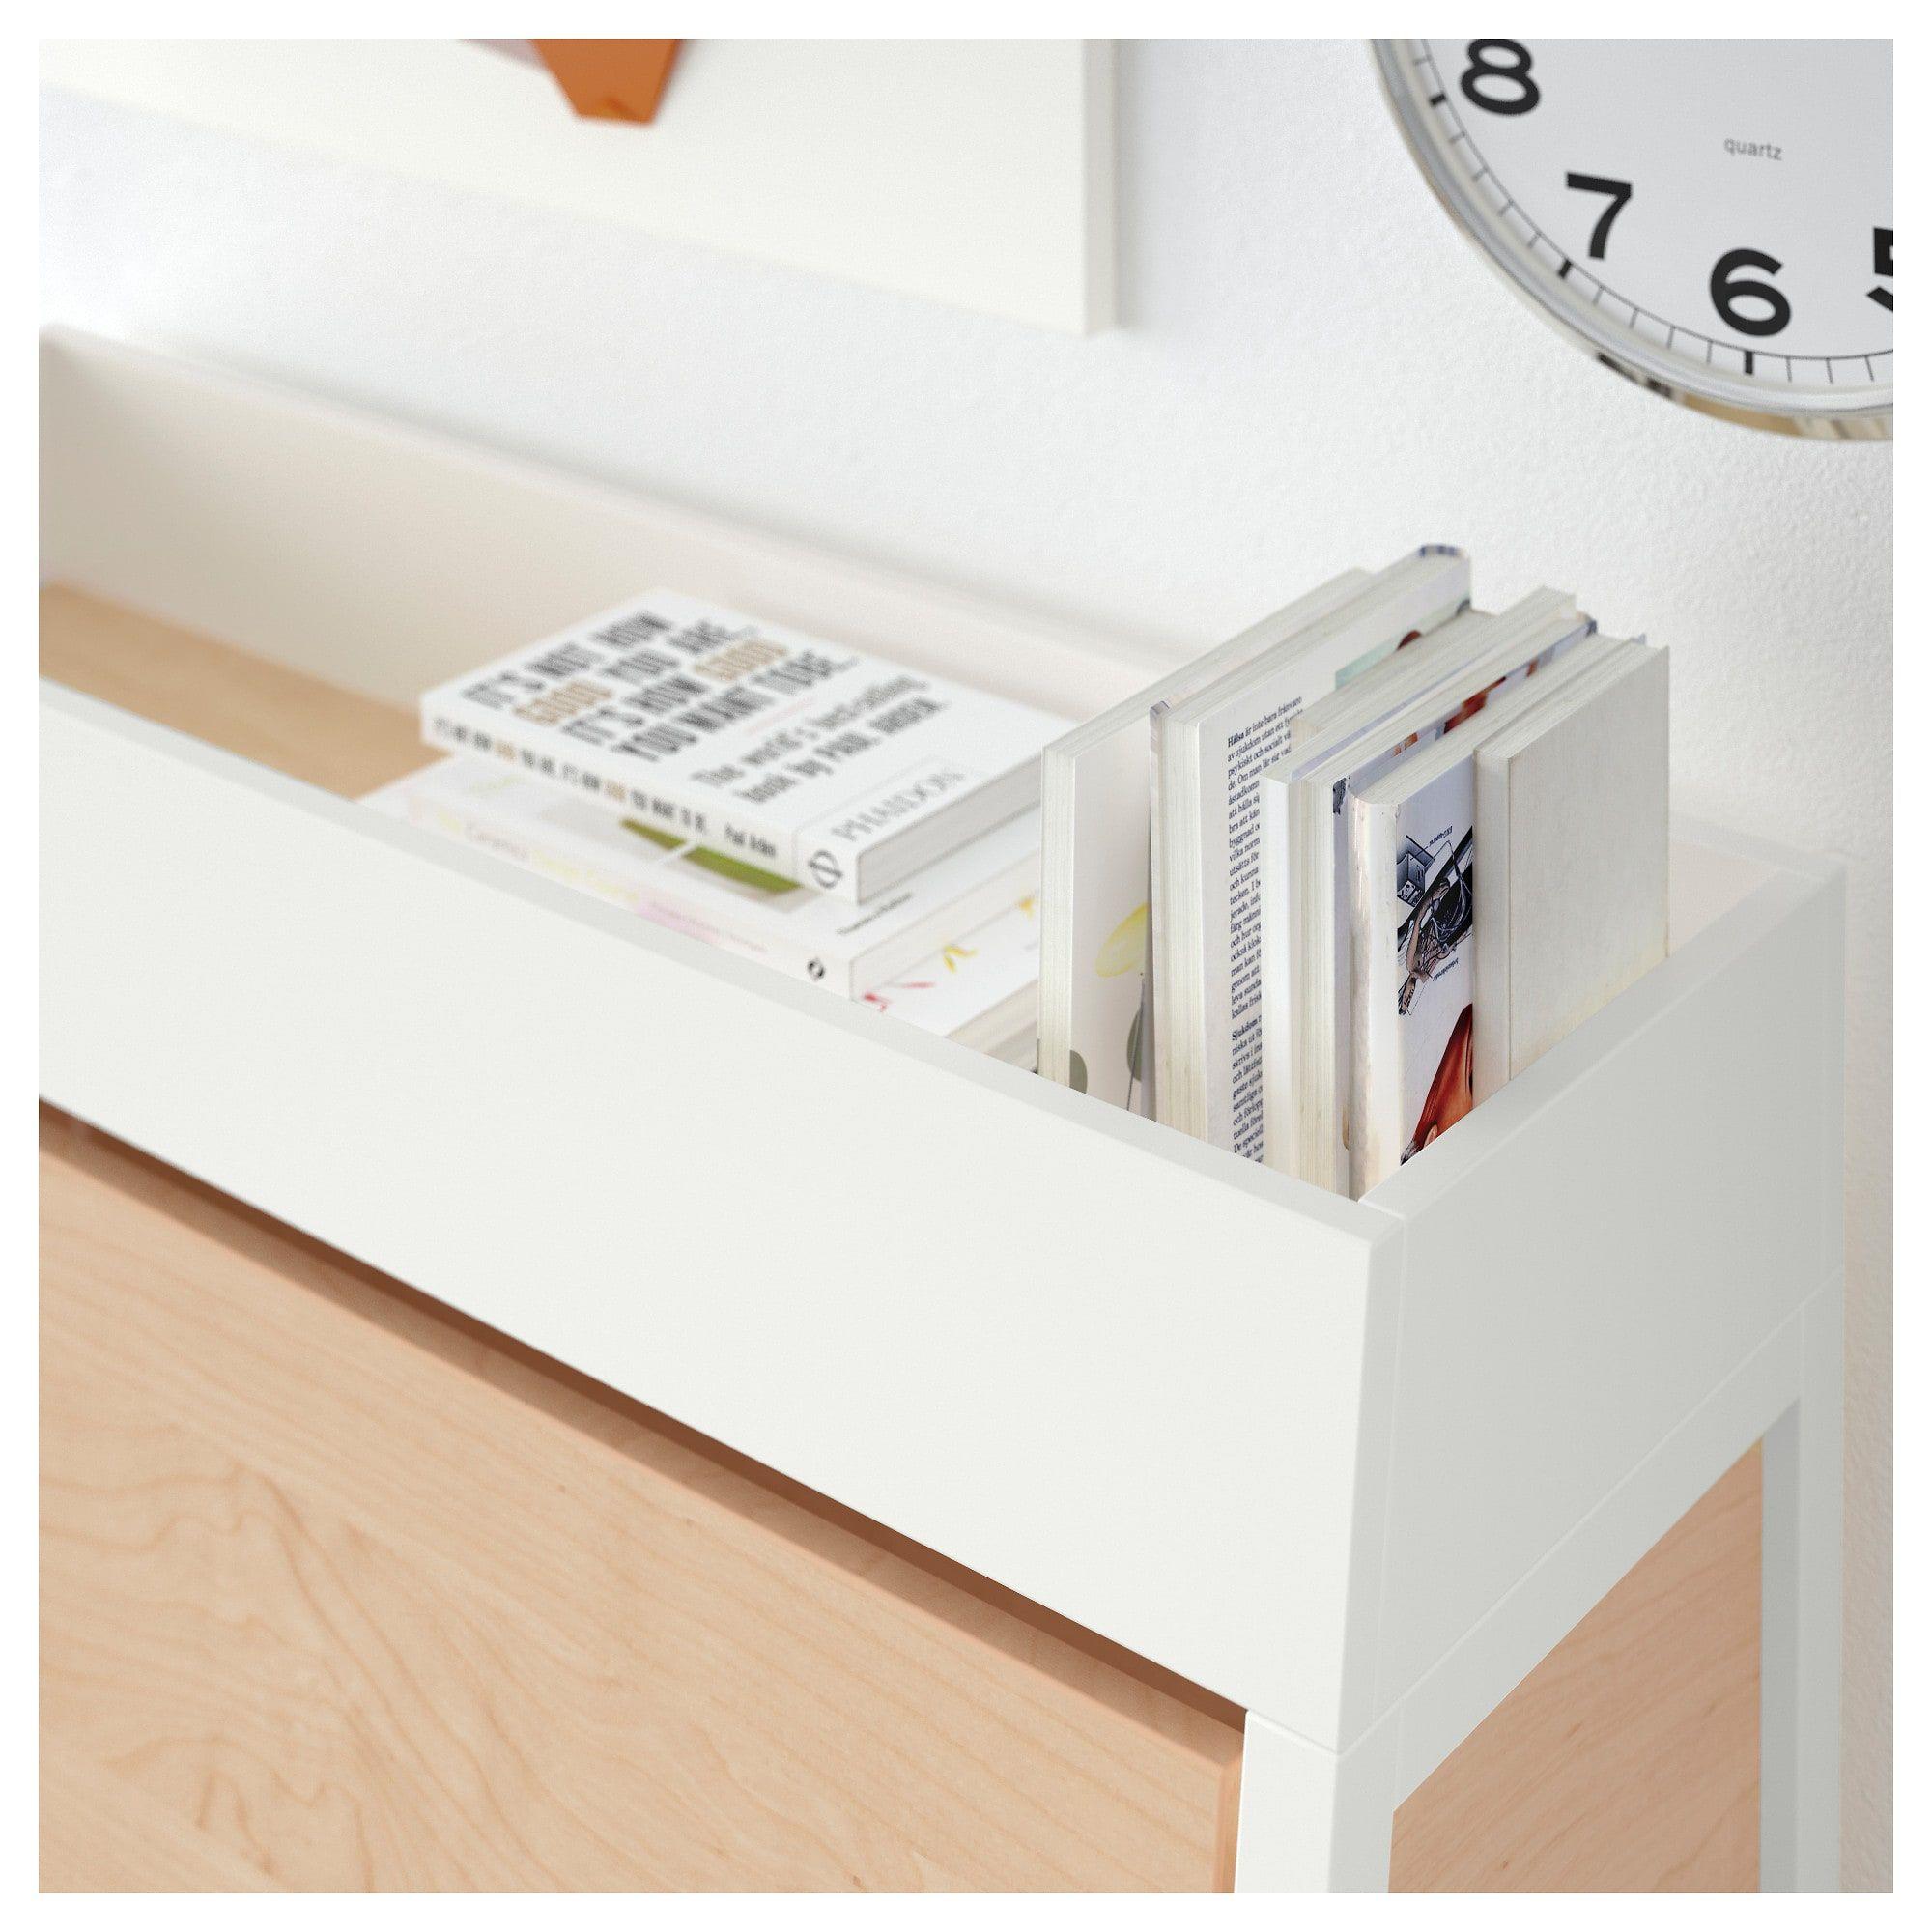 IKEA PS 2014 Sekretär in weiß; aus Birkenfurnier; 90x127cm